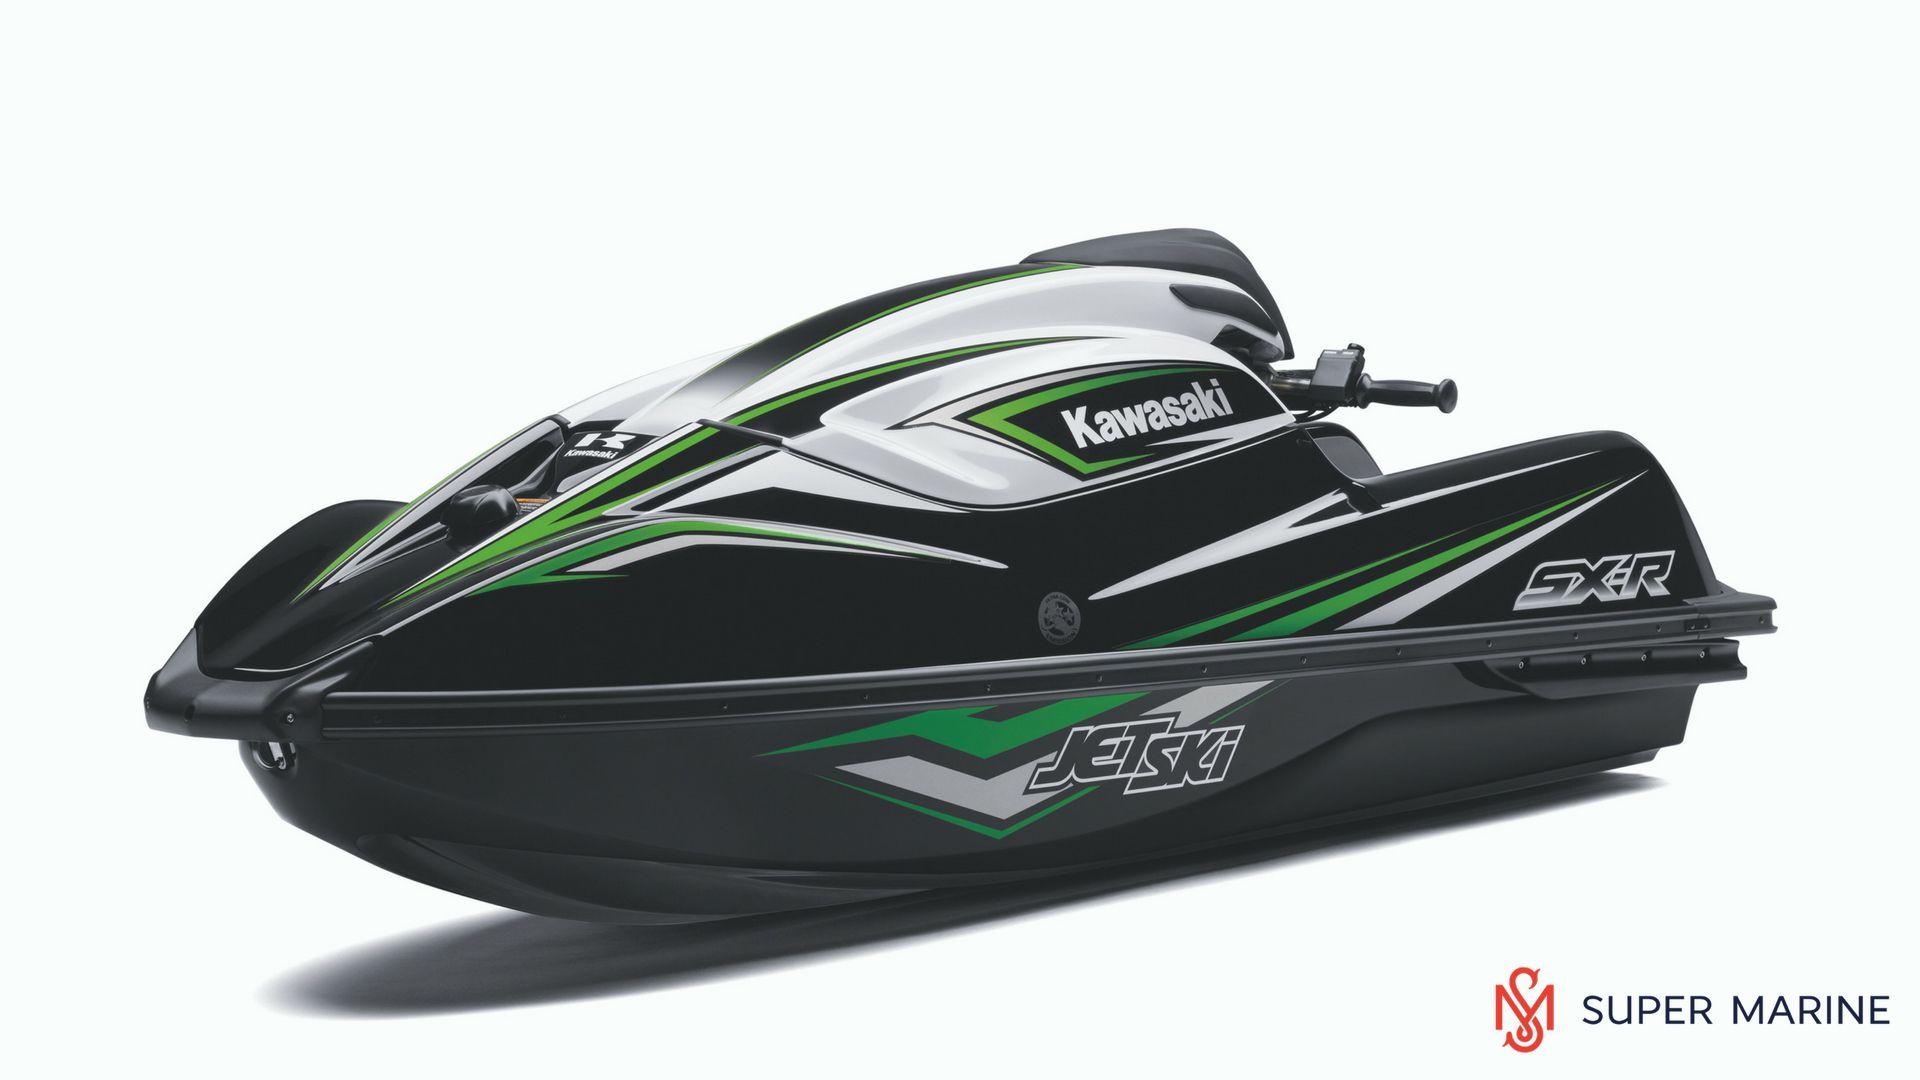 Гидроцикл Kawasaki Jet Ski SX-R Черный 2020 - 1